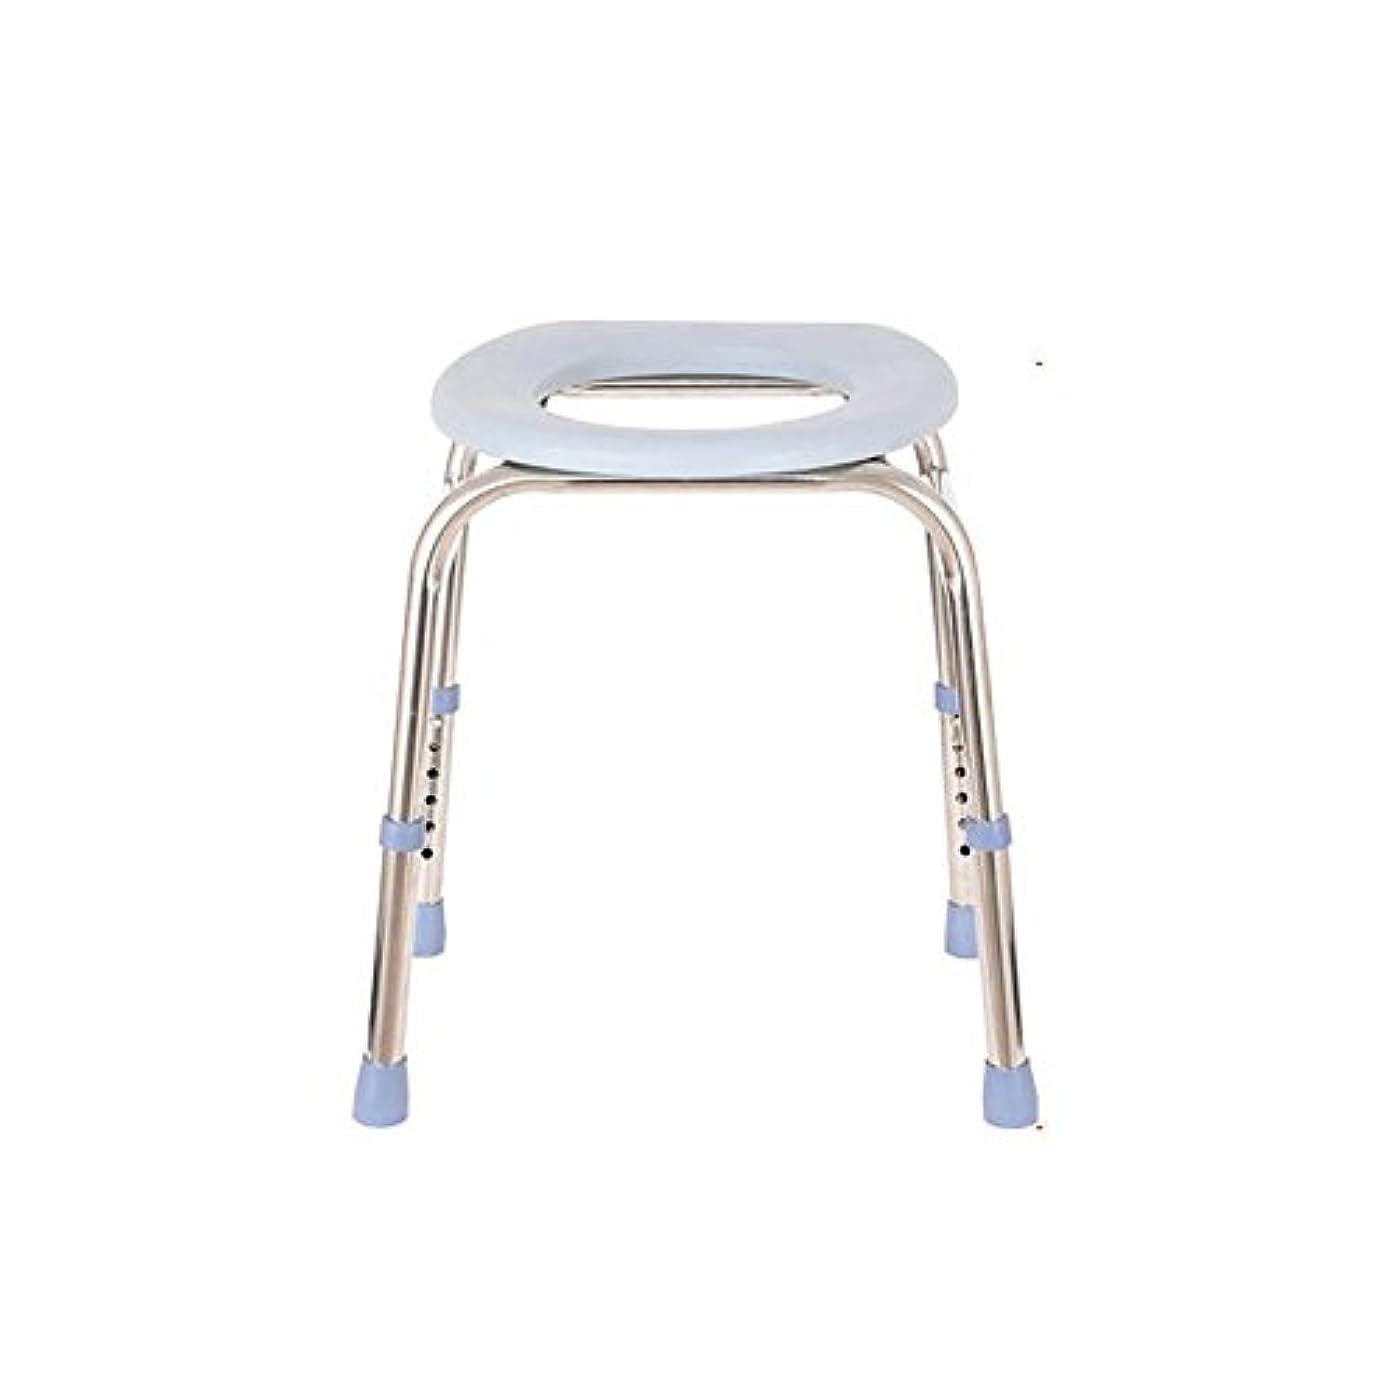 強い移住する懲戒- 妊娠中の女性のトイレ/シニアマン座っている椅子/バスチェアステンレス鋼の増粘強化非スリップ便座患者トイレスツールの高さ調節可能 チェスト